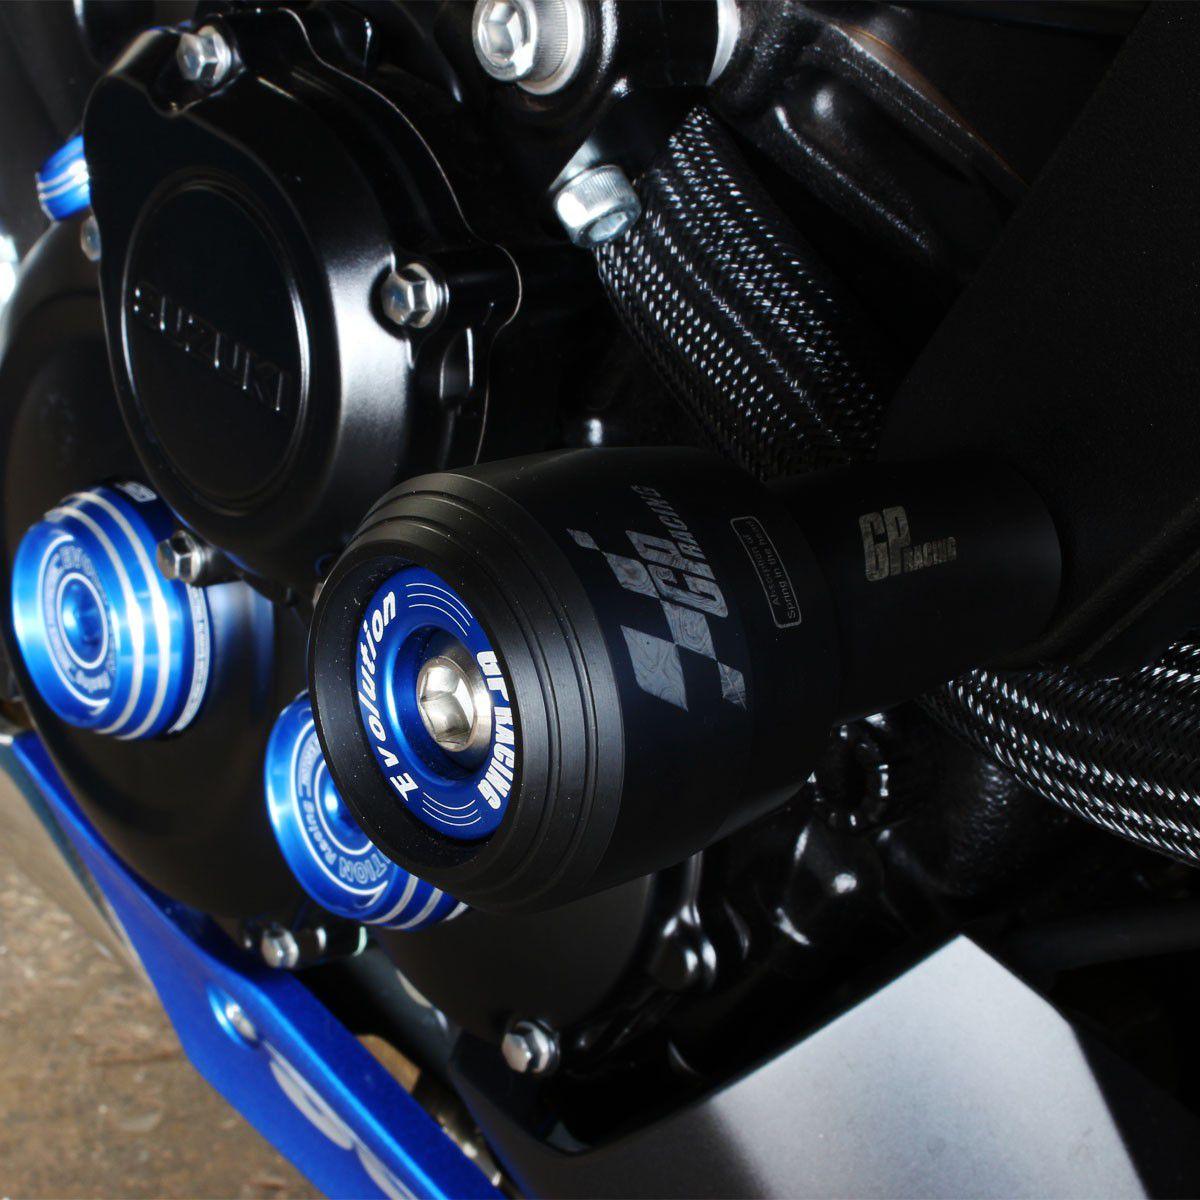 Slider CBR600 RR CBR600RR 2007 2008 2009